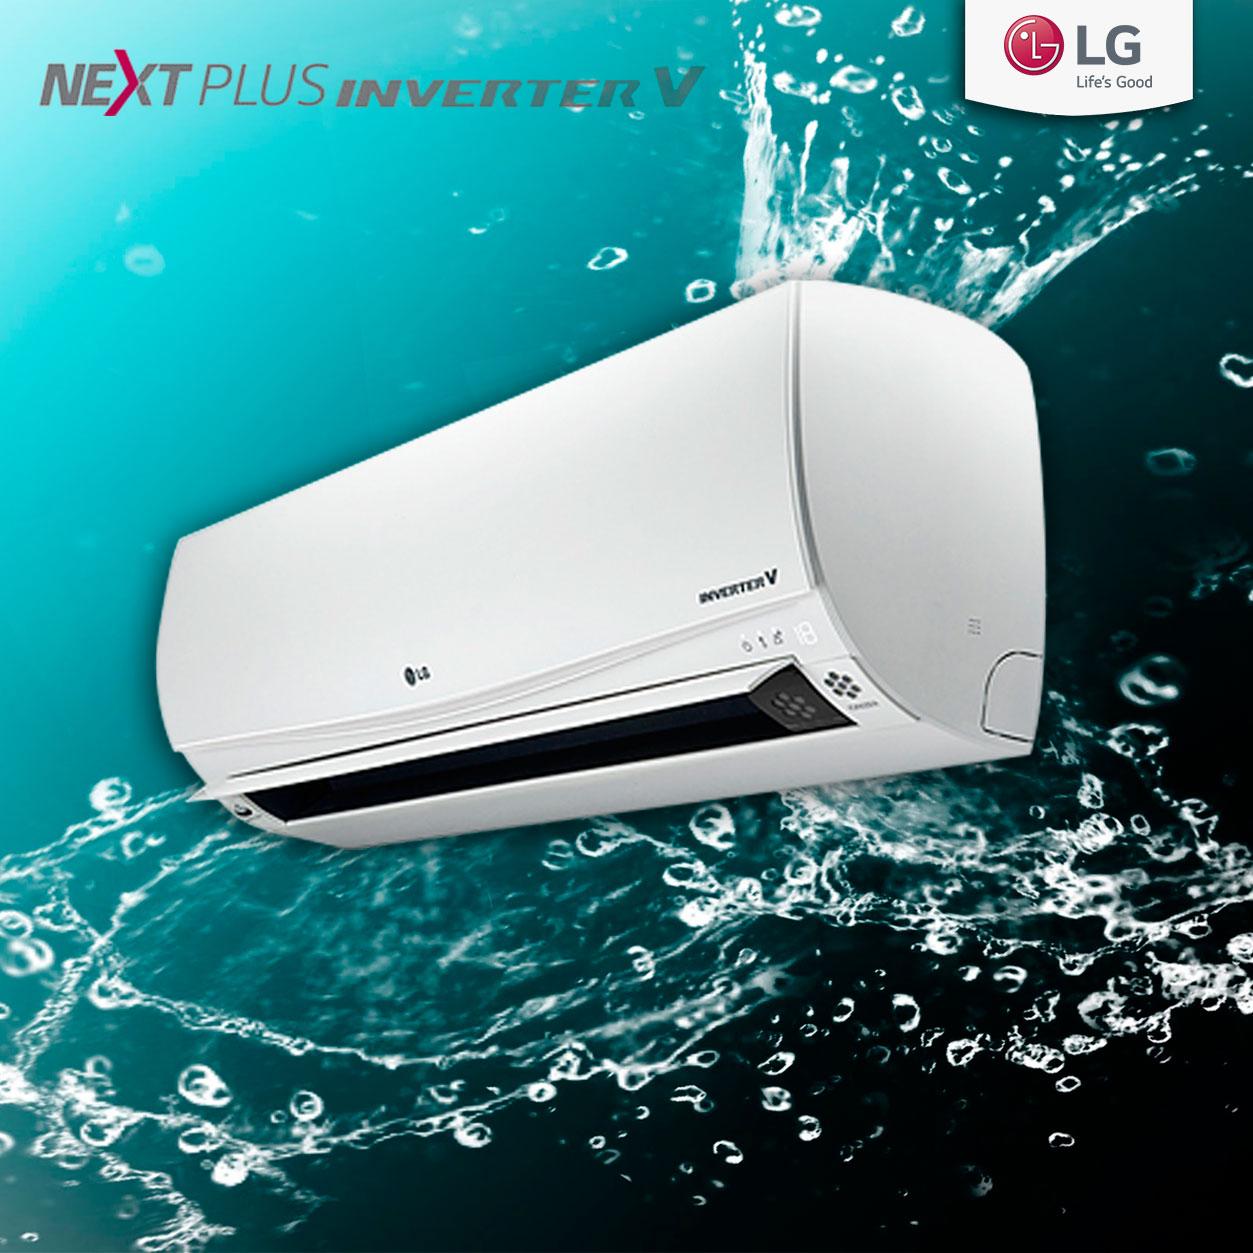 دستگاه تهویه مطبوع Next Plus Inverter ال جی زندگی را طوری دیگر به شما معنا می کند